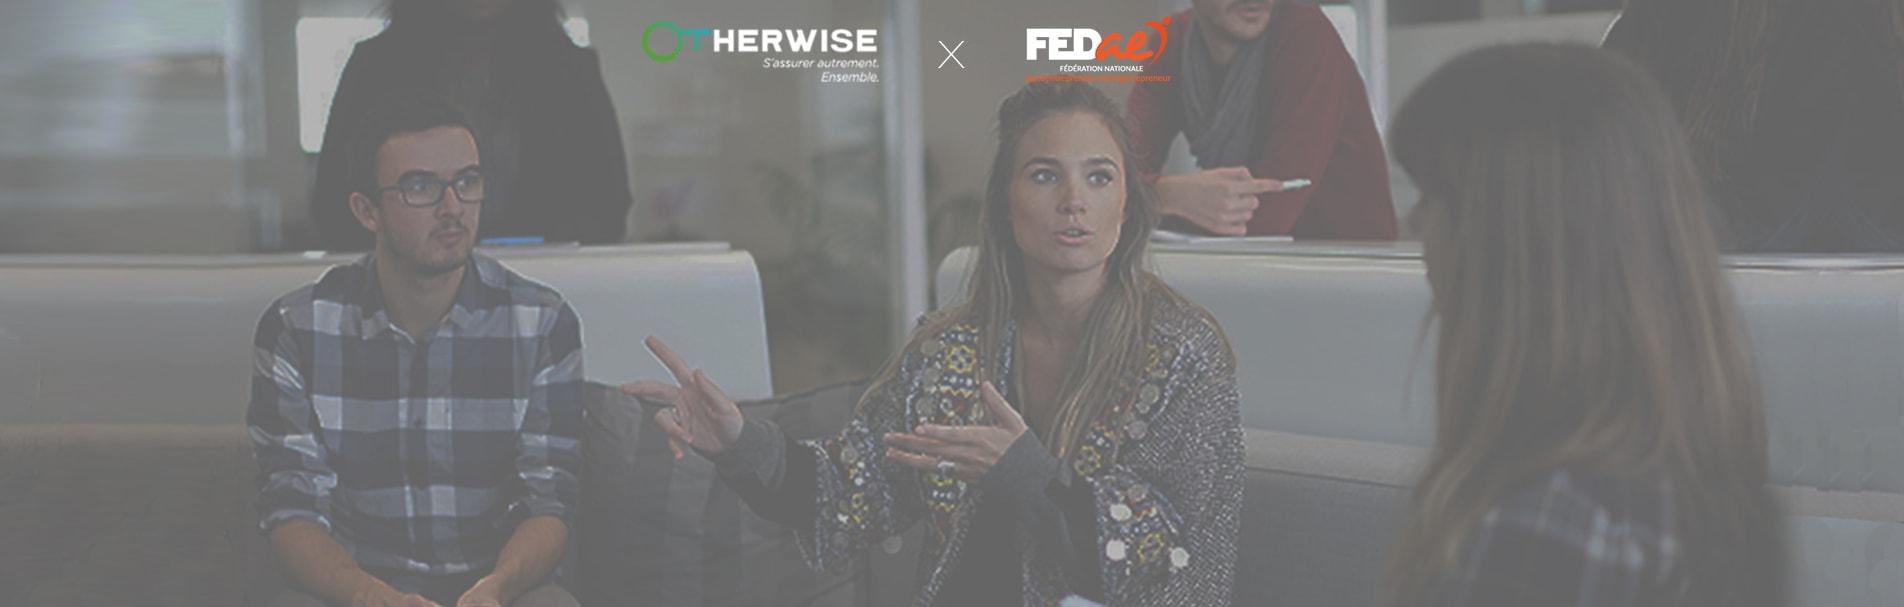 FEDAE partenariat Otherwise - partenariat FEDAE - Santé - 1904x607 - PNG